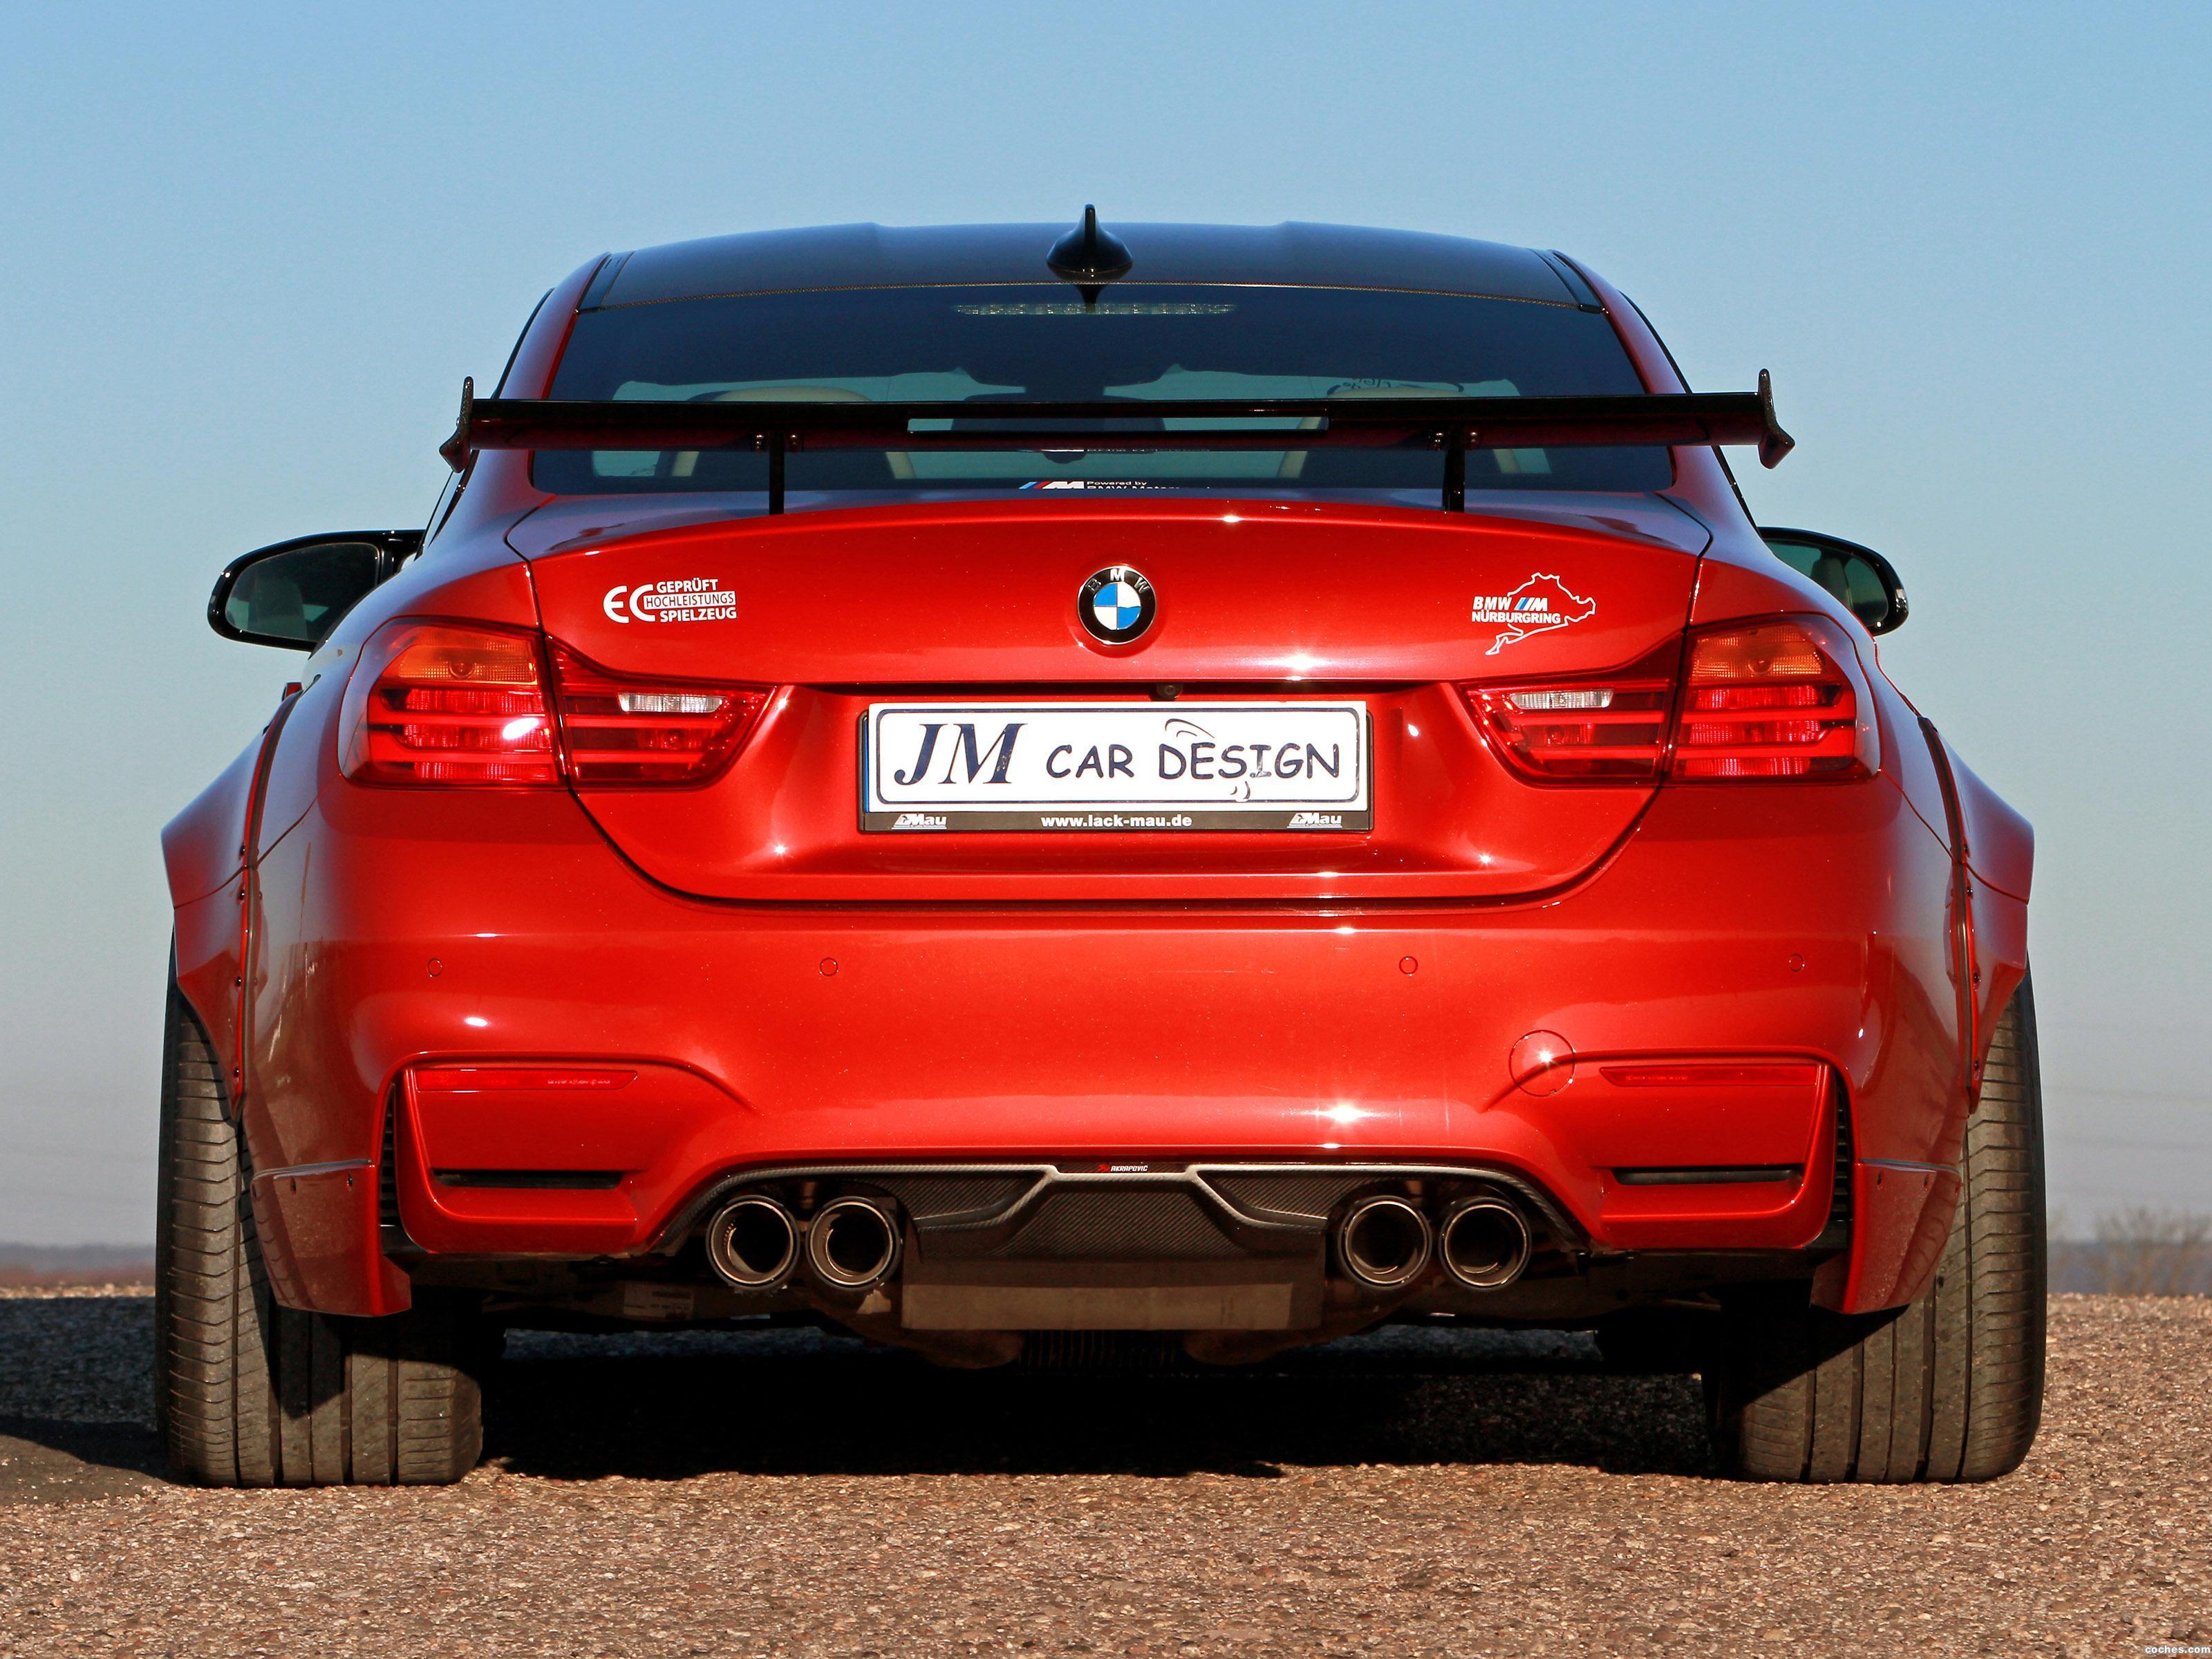 Foto 1 de JM Car Design BMW M4 2017